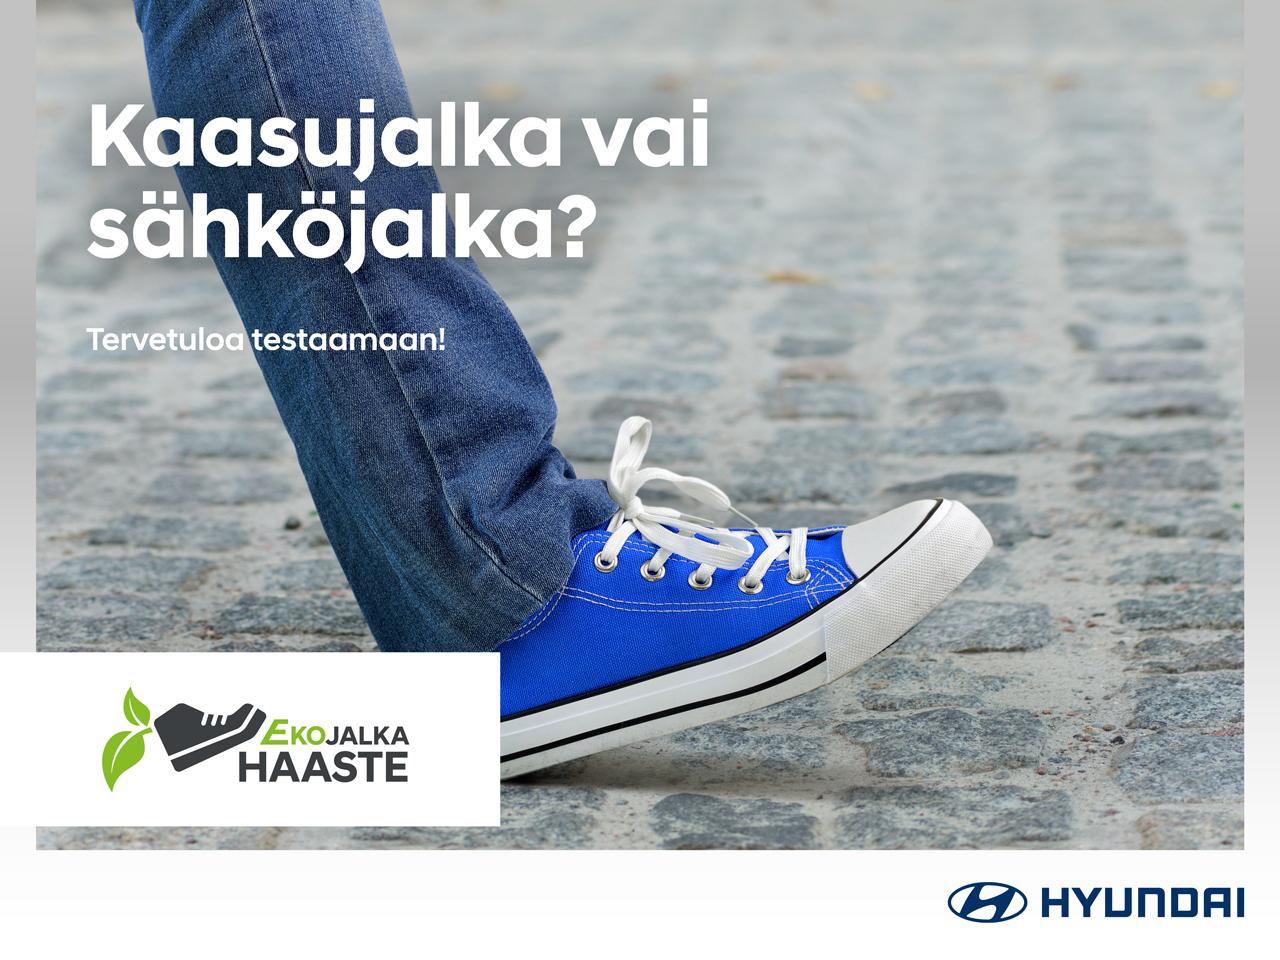 Ota Hyundain Ekojalkahaaste vastaan ja testaa!